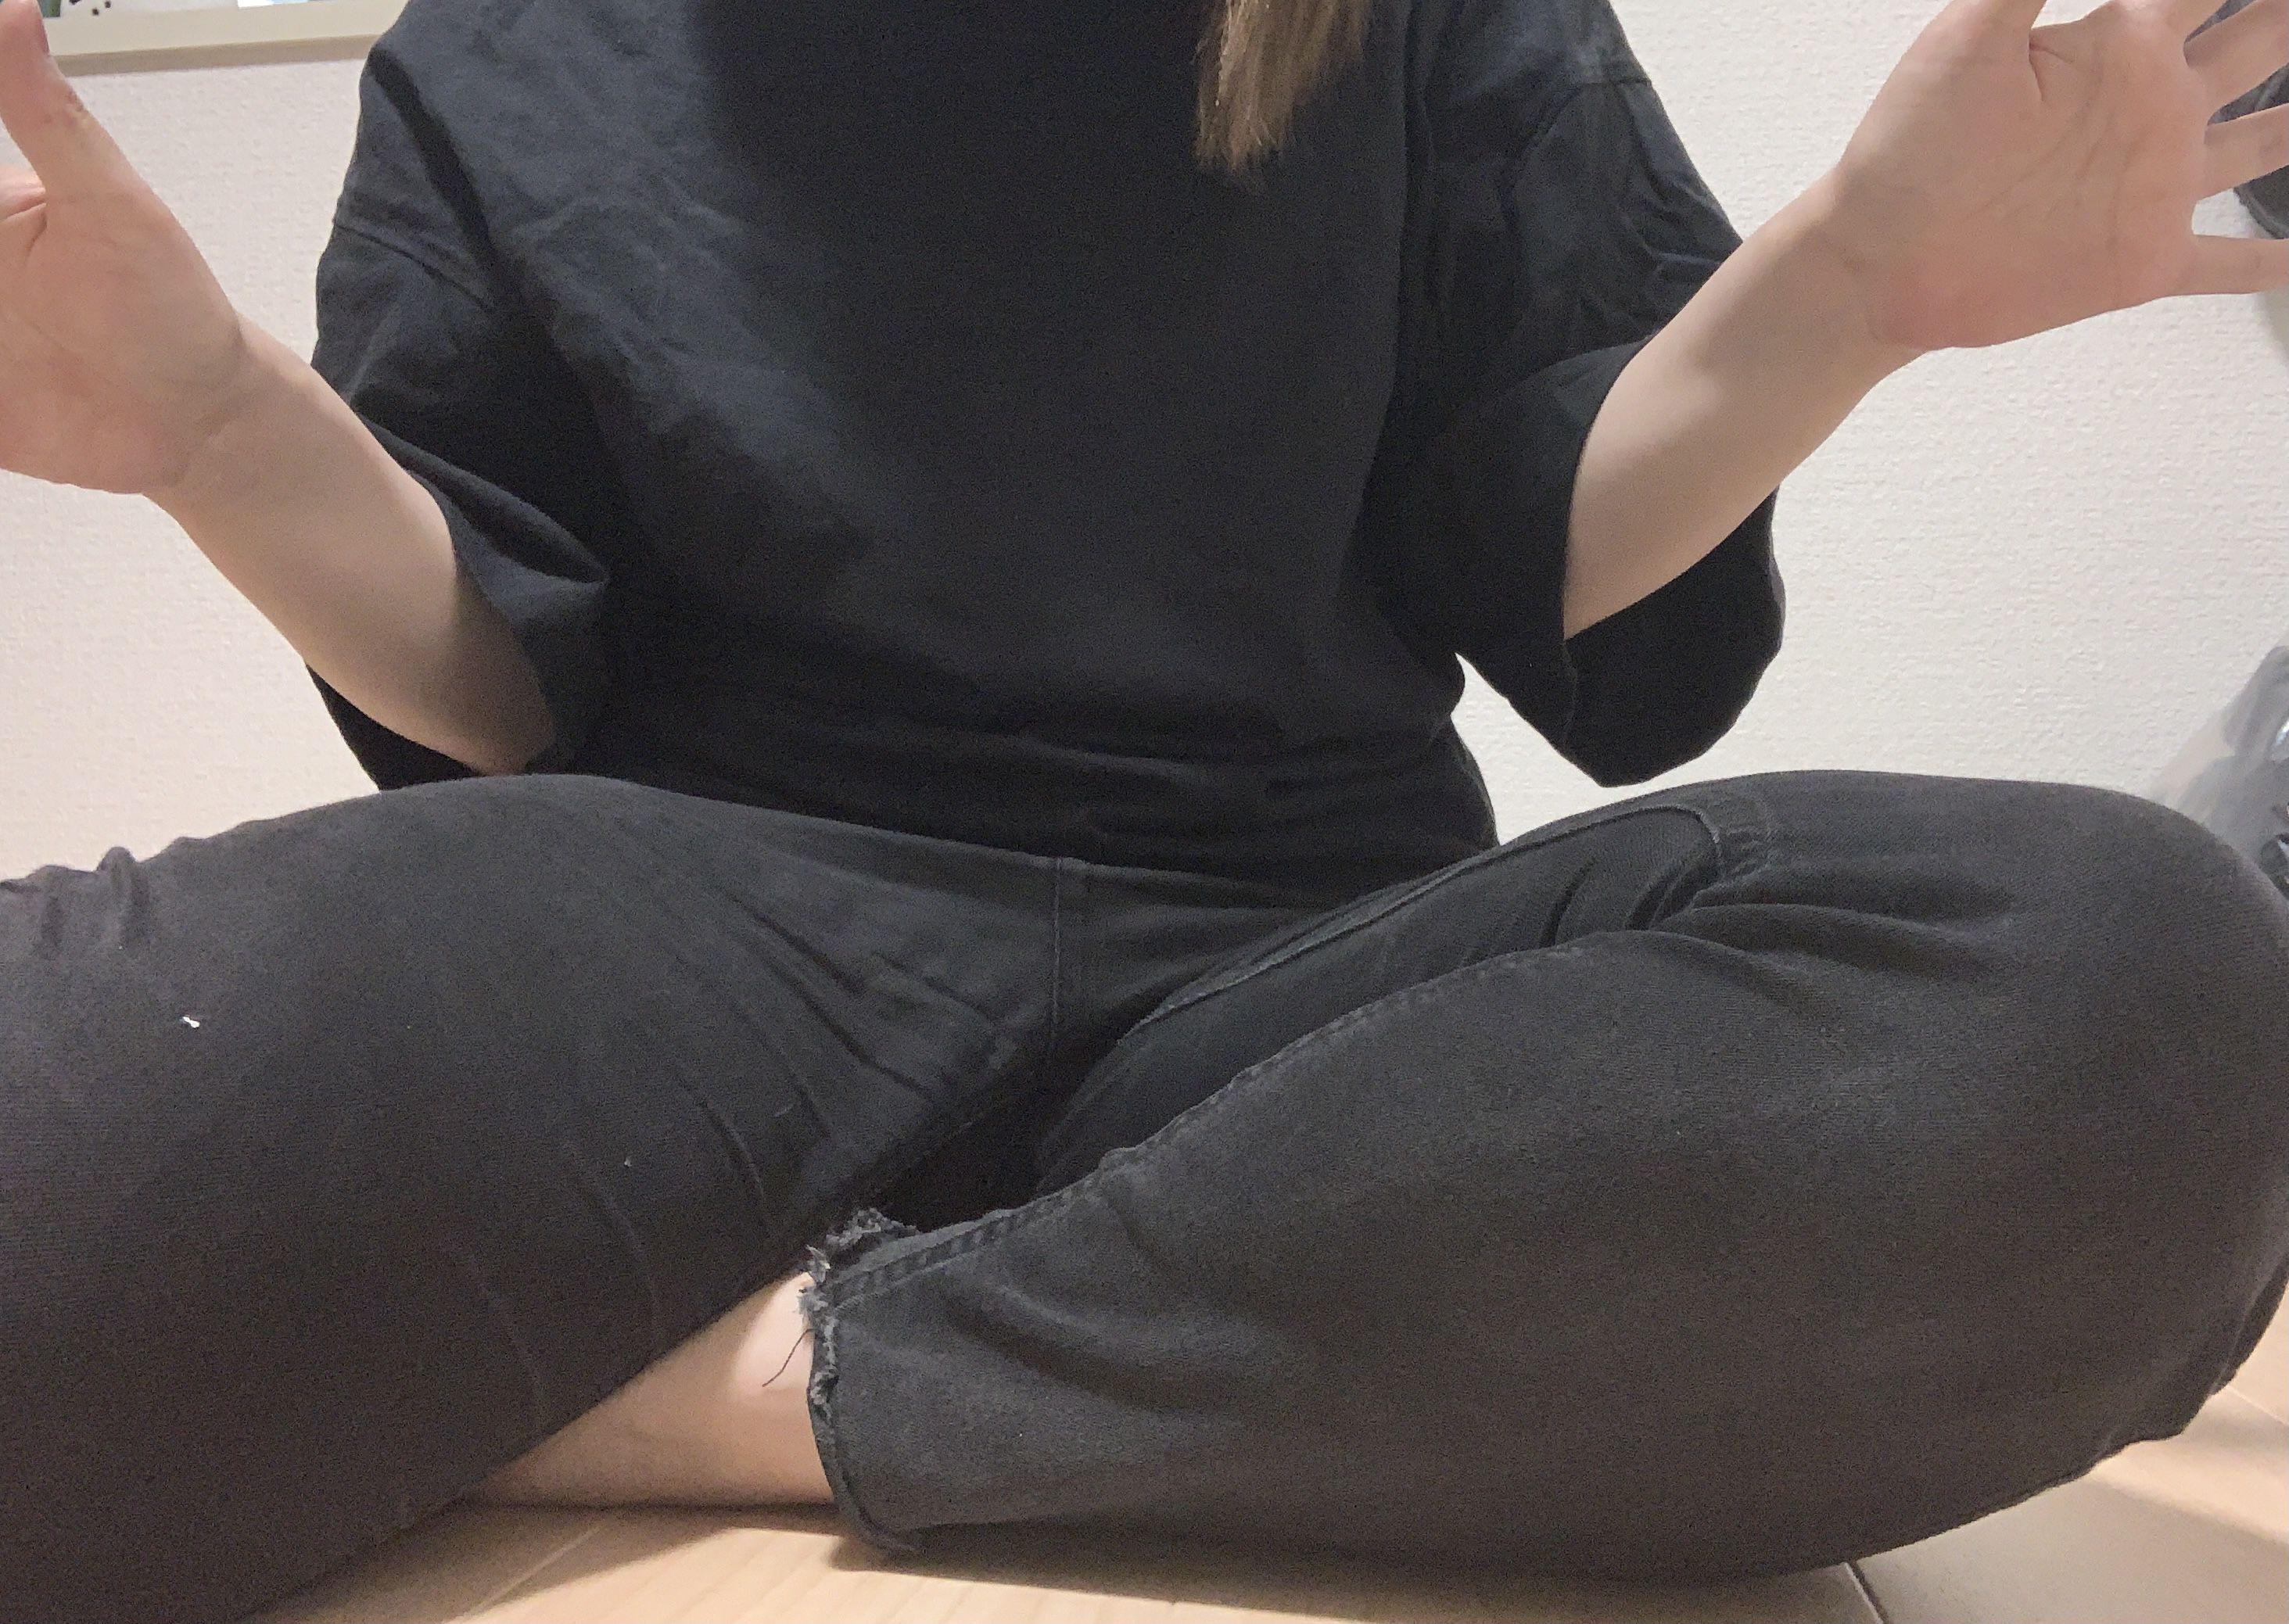 普通の女の子の腕の毛抜き-スマホ自撮り◎あんな(26歳)OL サンプル画像01